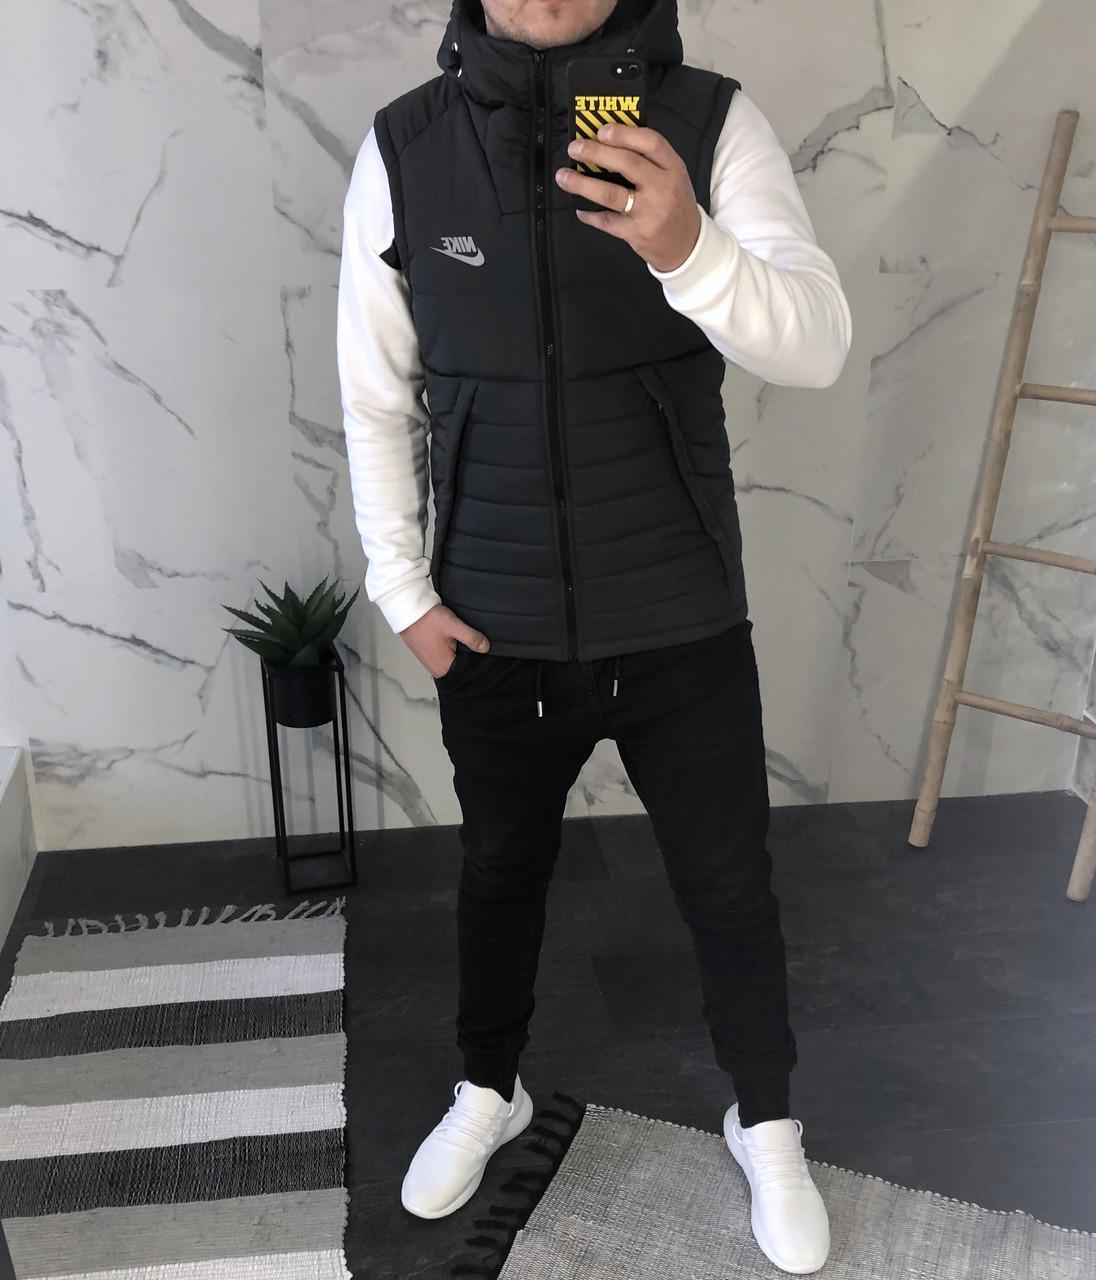 208ab78f Мужская черная теплая жилетка Nike найк жилет - Интернет-магазин одежды и  аксессуаров в Киеве